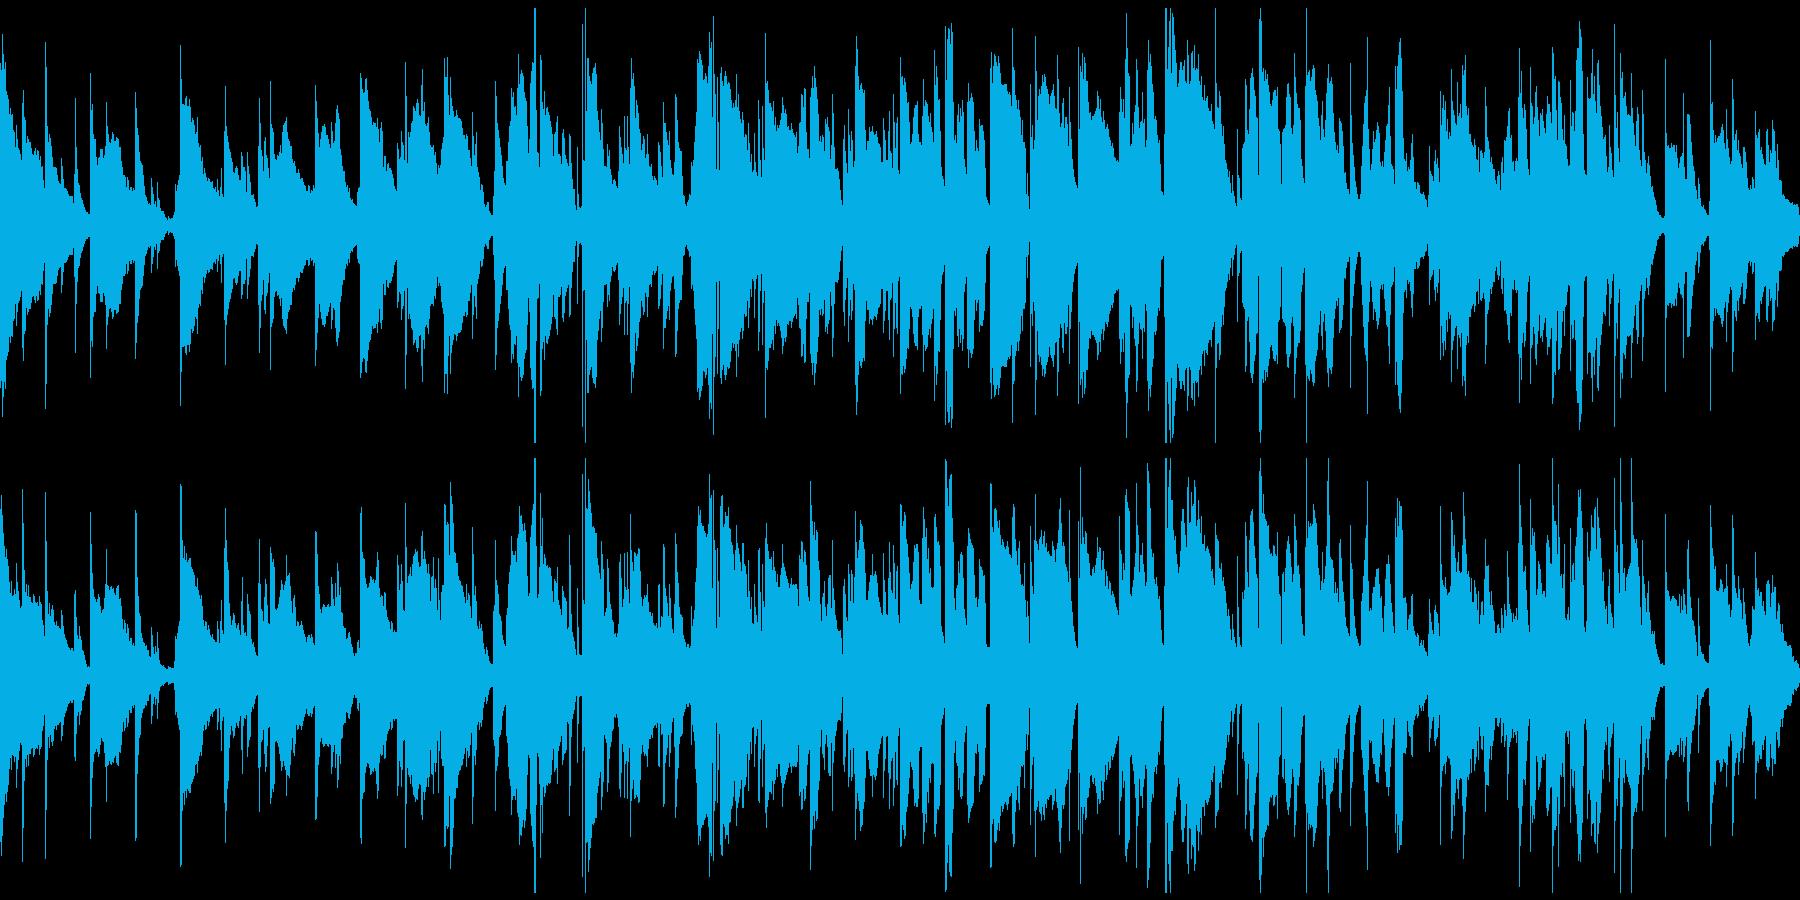 リラックス、眠りそうな癒し系 ※ループ版の再生済みの波形